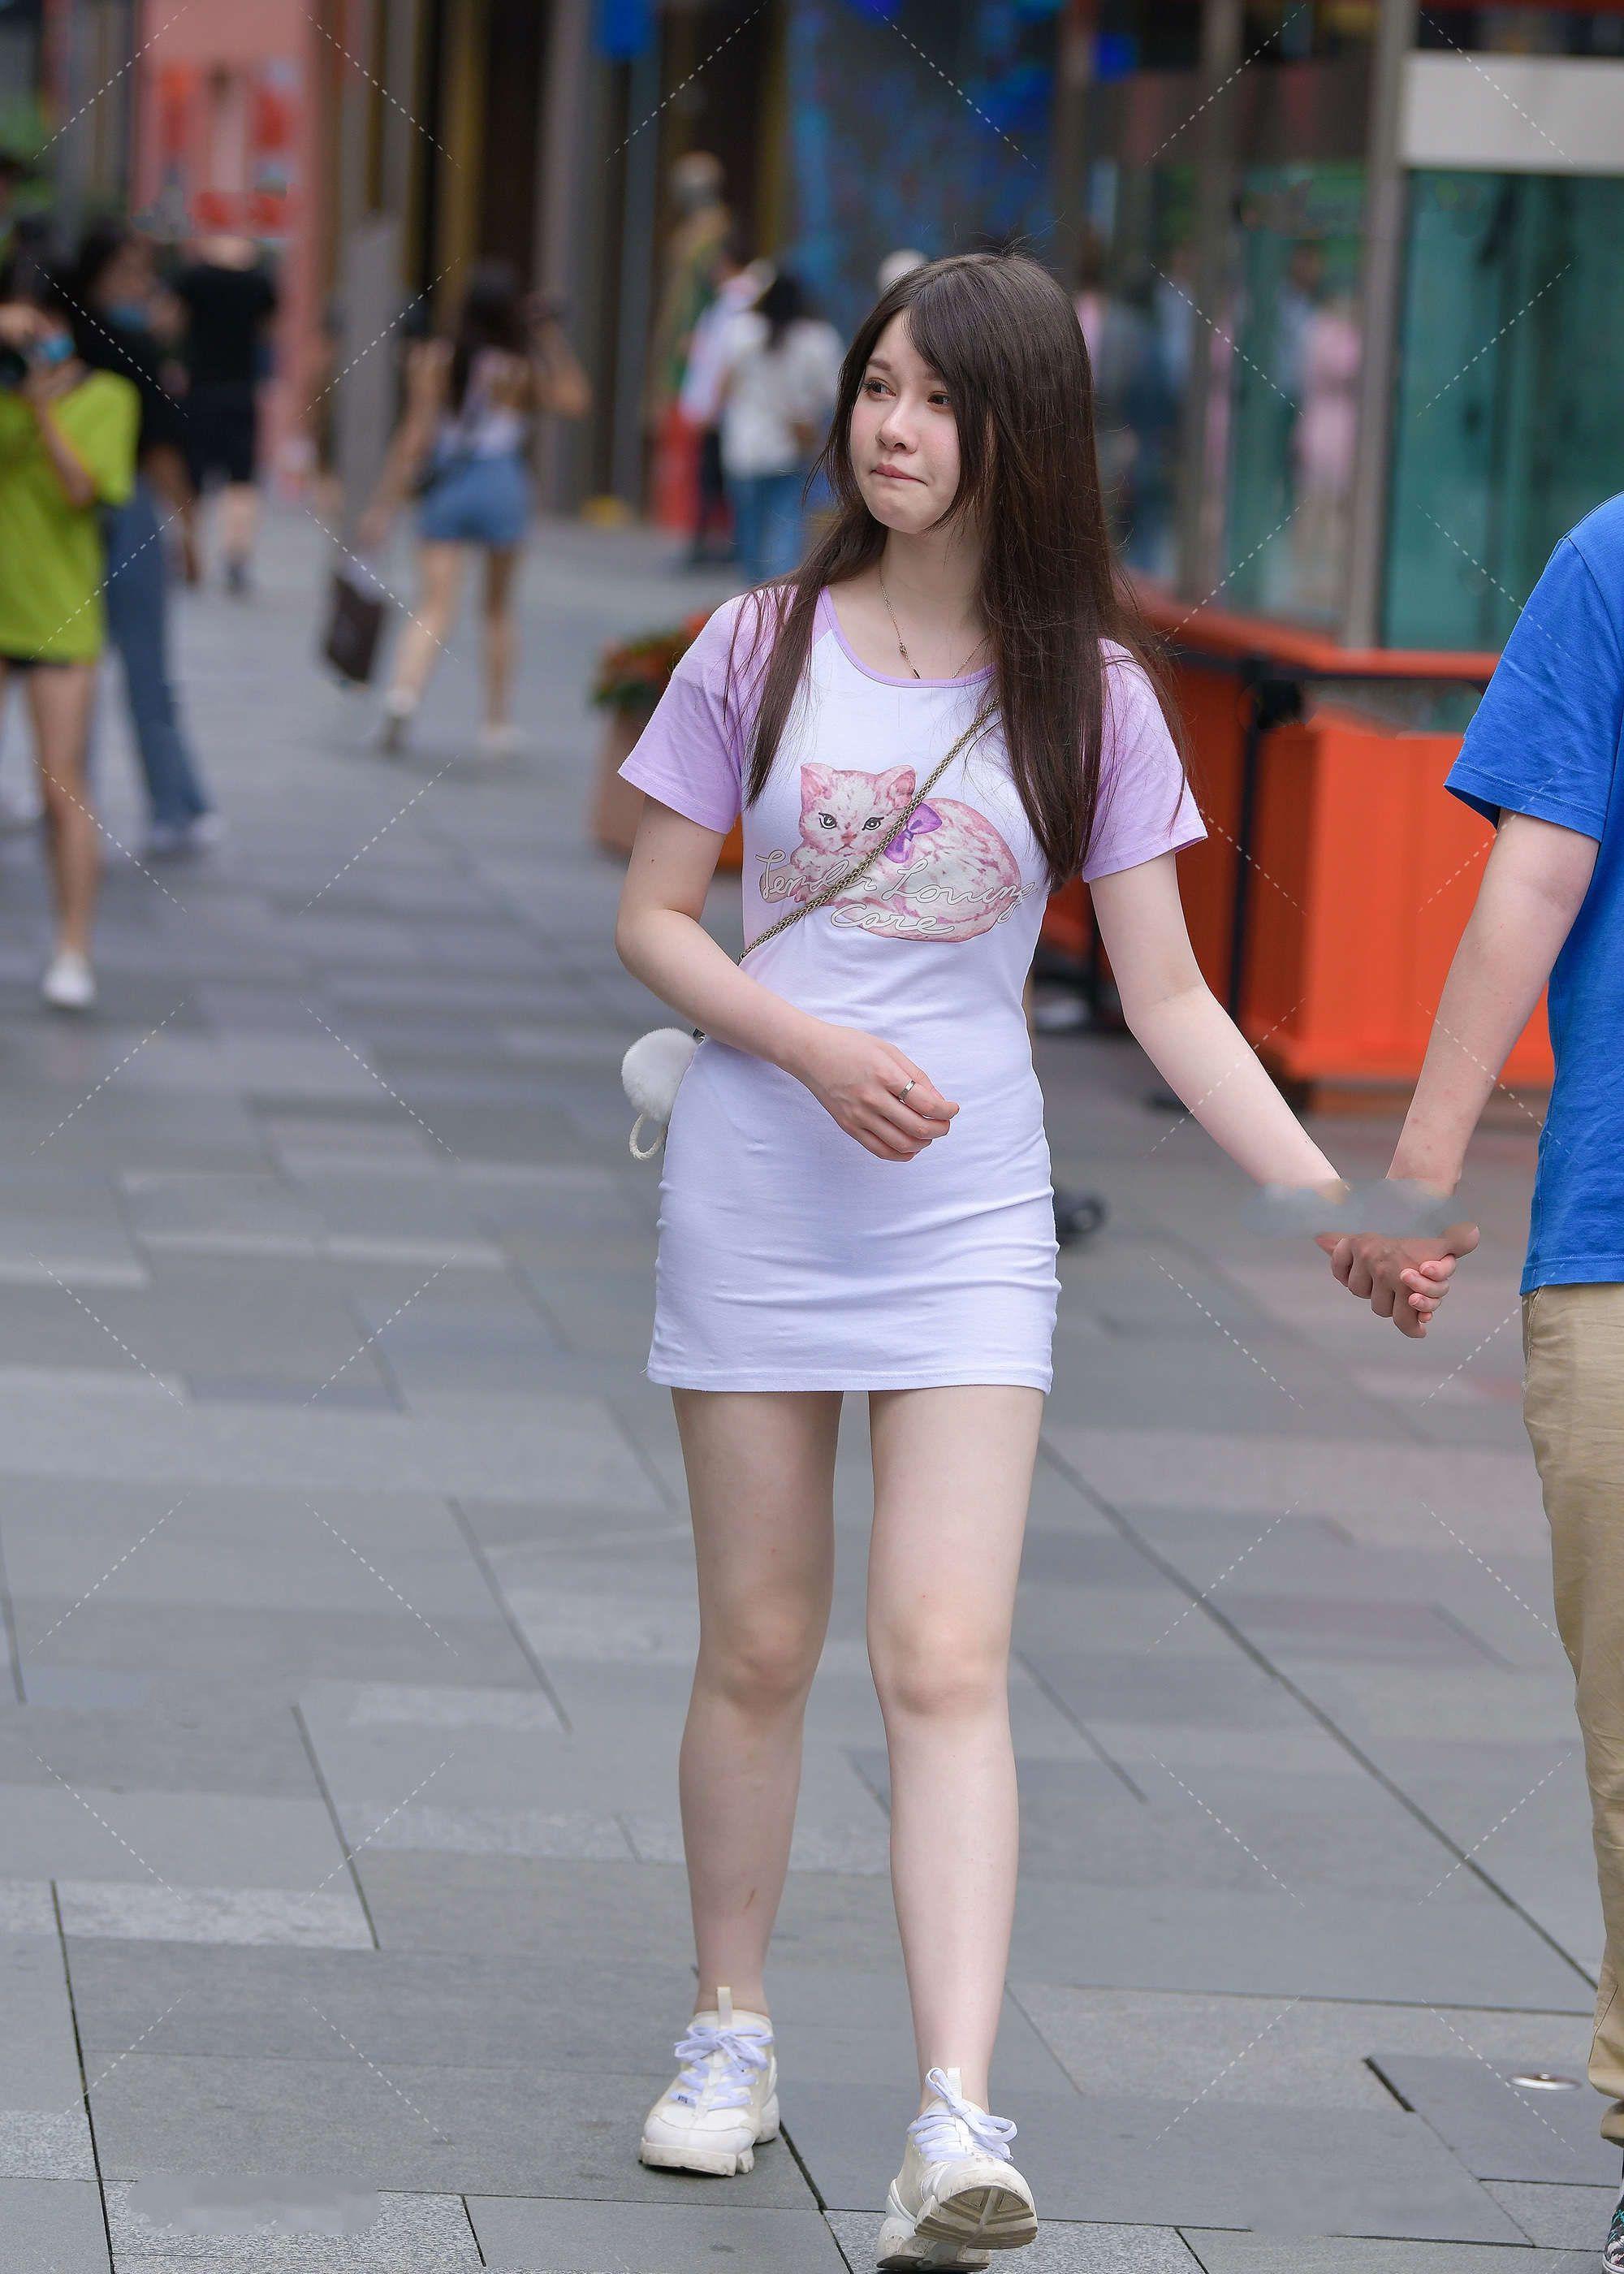 时尚街拍:一件淡紫色的T恤裙装,穿搭起来,兼具时尚感和休闲范